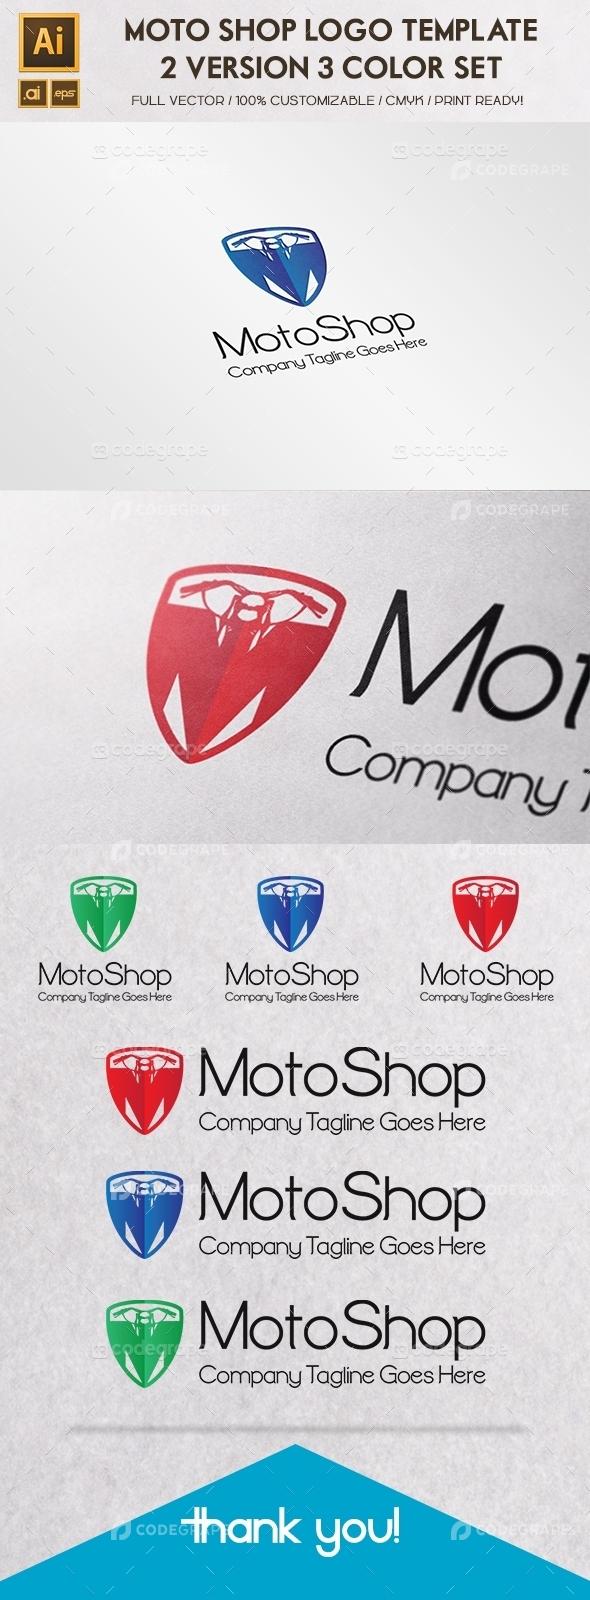 Moto Shop Logo Template